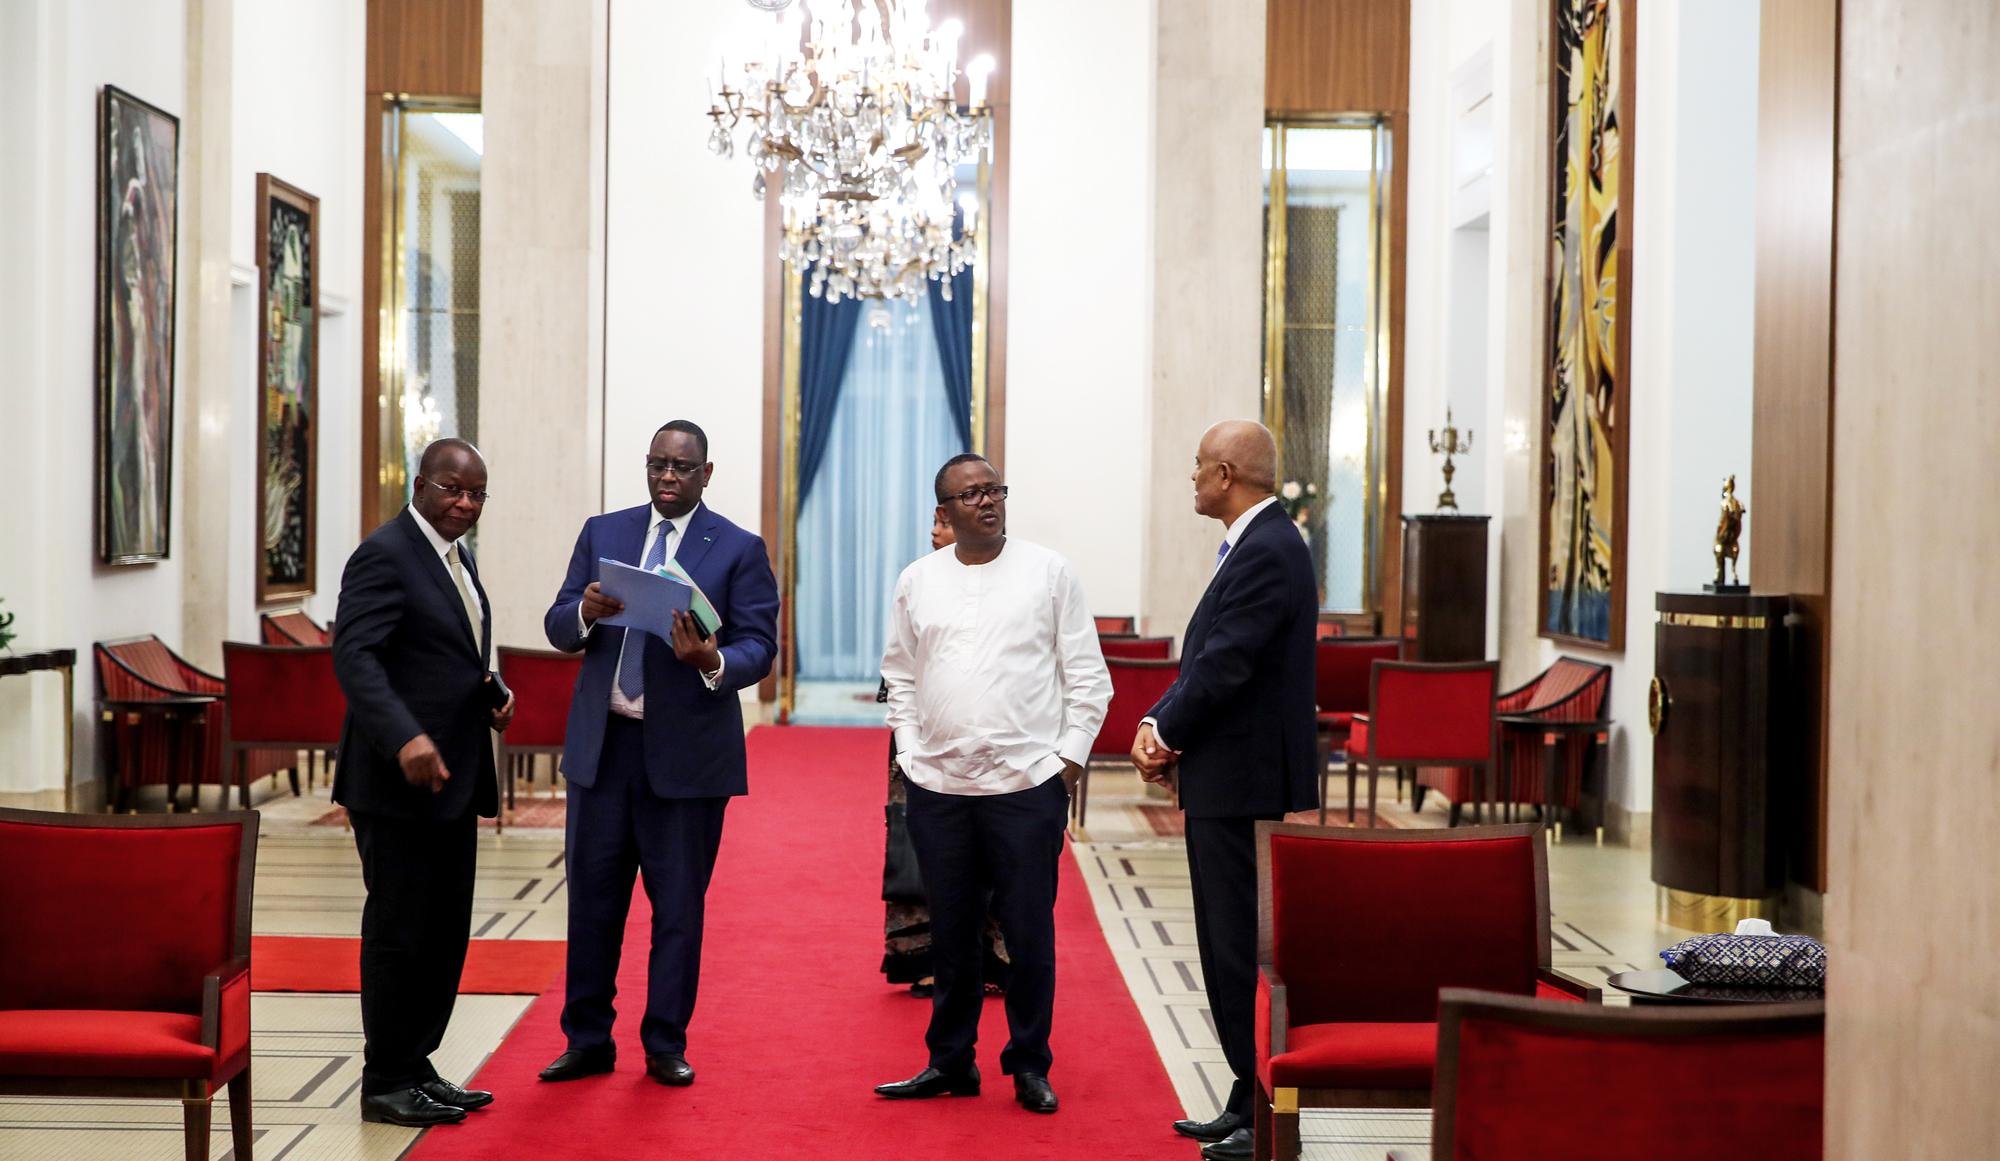 Le nouveau président bissau-guinéen, Umaro Sissoco Embaló (chemise blanche), durant une visite de courtoisie, à Dakar, en mars.